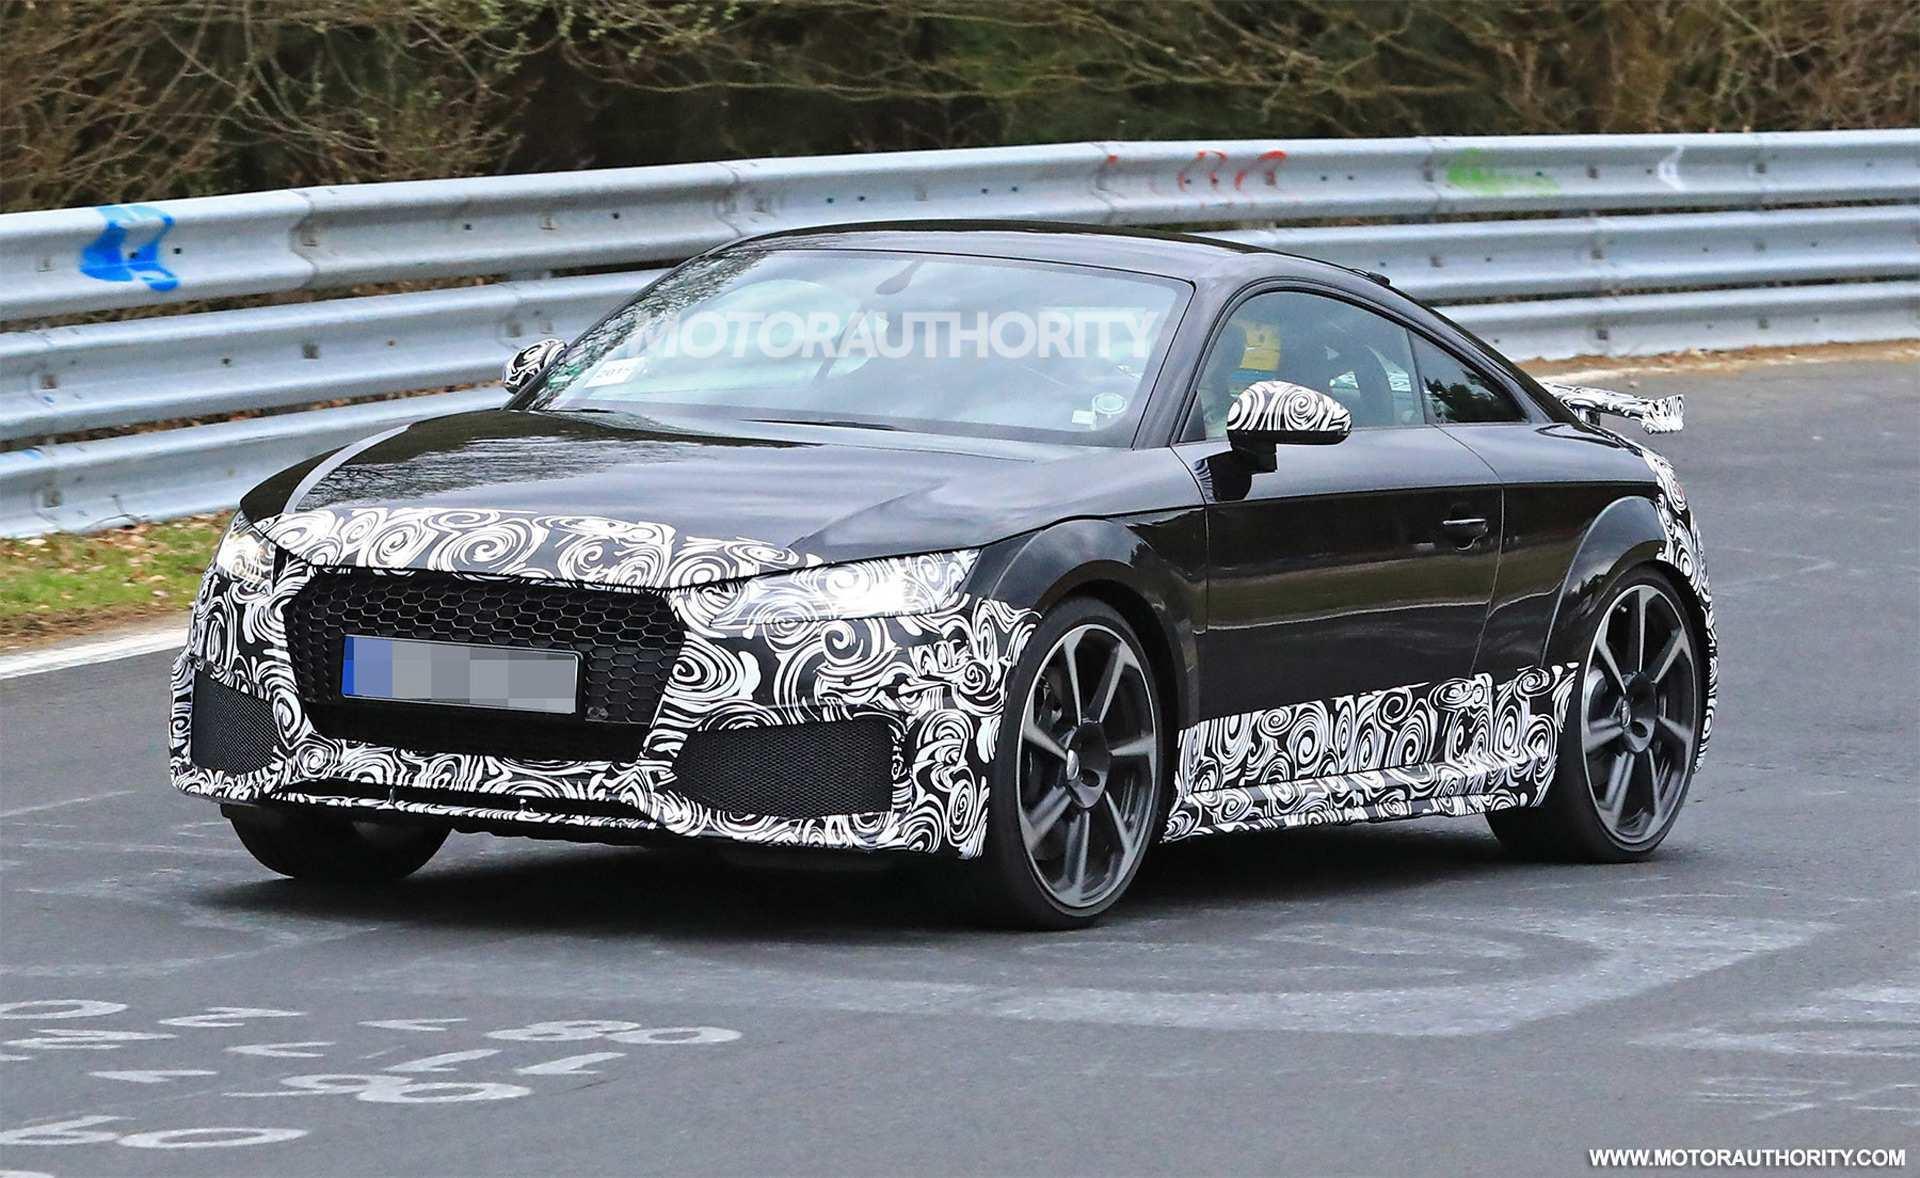 27 New Audi Tt Rs 2020 Redesign for Audi Tt Rs 2020